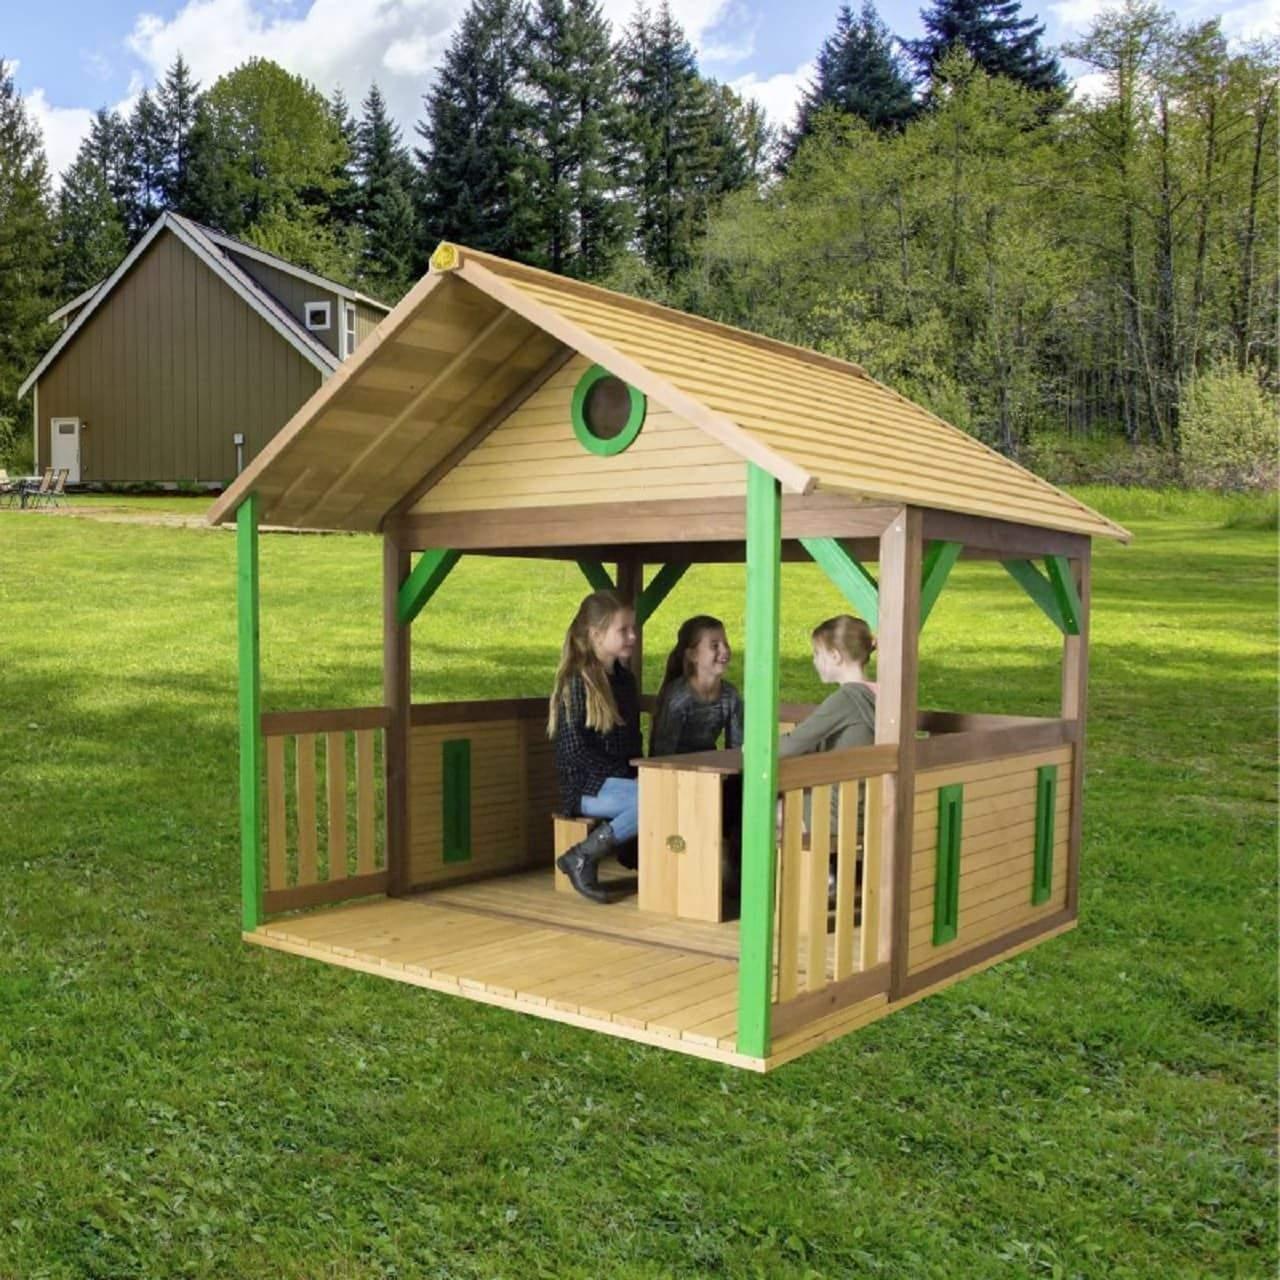 Pavillon Holz Garten Neu Spielhaus Zazou Pavillon Holz Kinderspielhaus